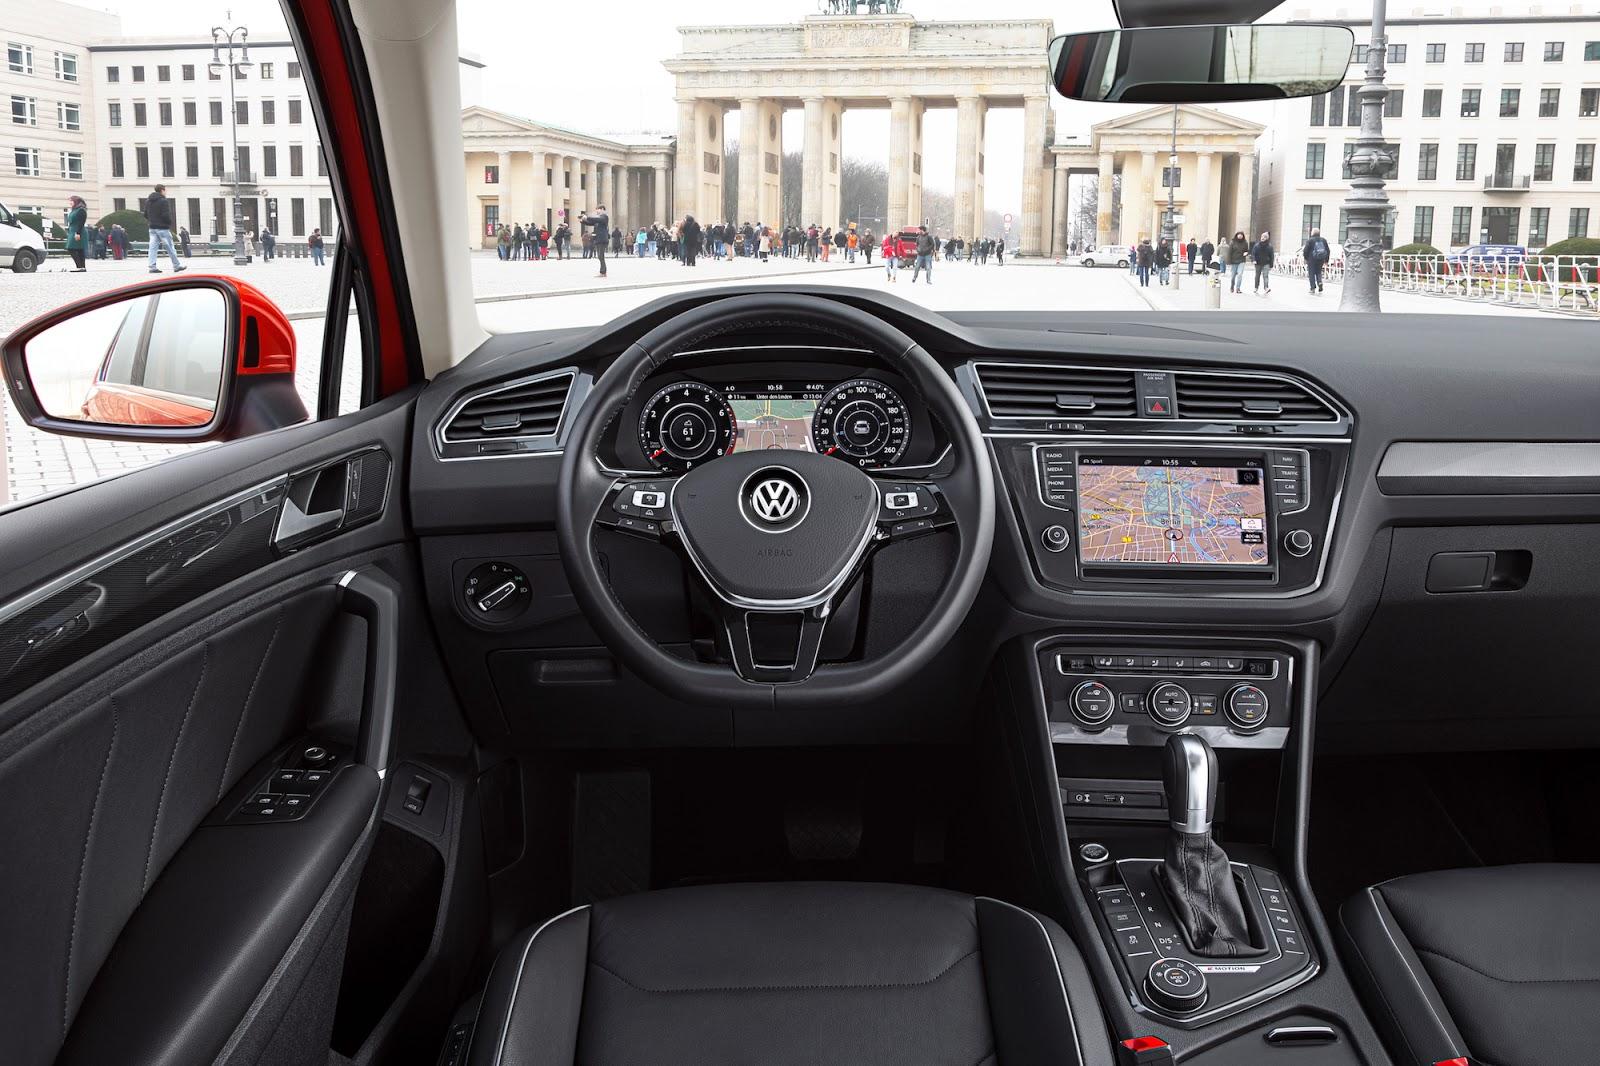 Khoang lái của Volkswagen Tiguan 2016 quá đẹp, logic và sang trọng